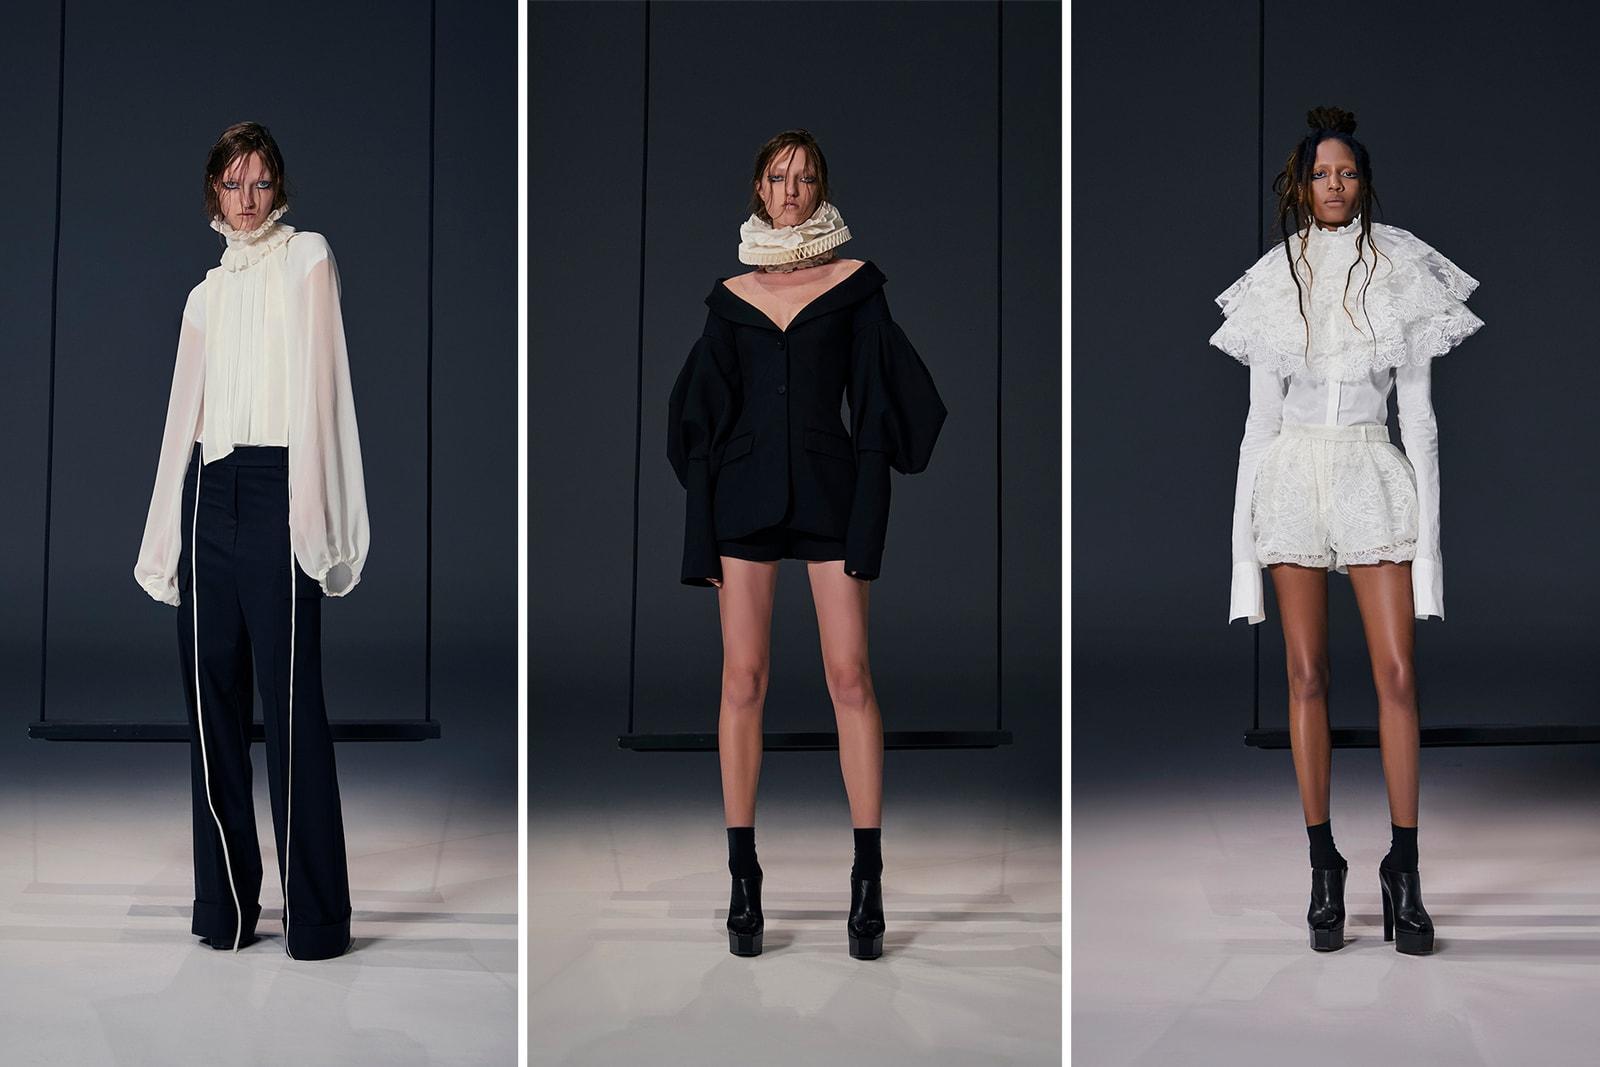 New York Fashion Week Spring/Summer 2019 Shows Pyer Moss Monse Jeremy Scott Ralph Lauren NYFW